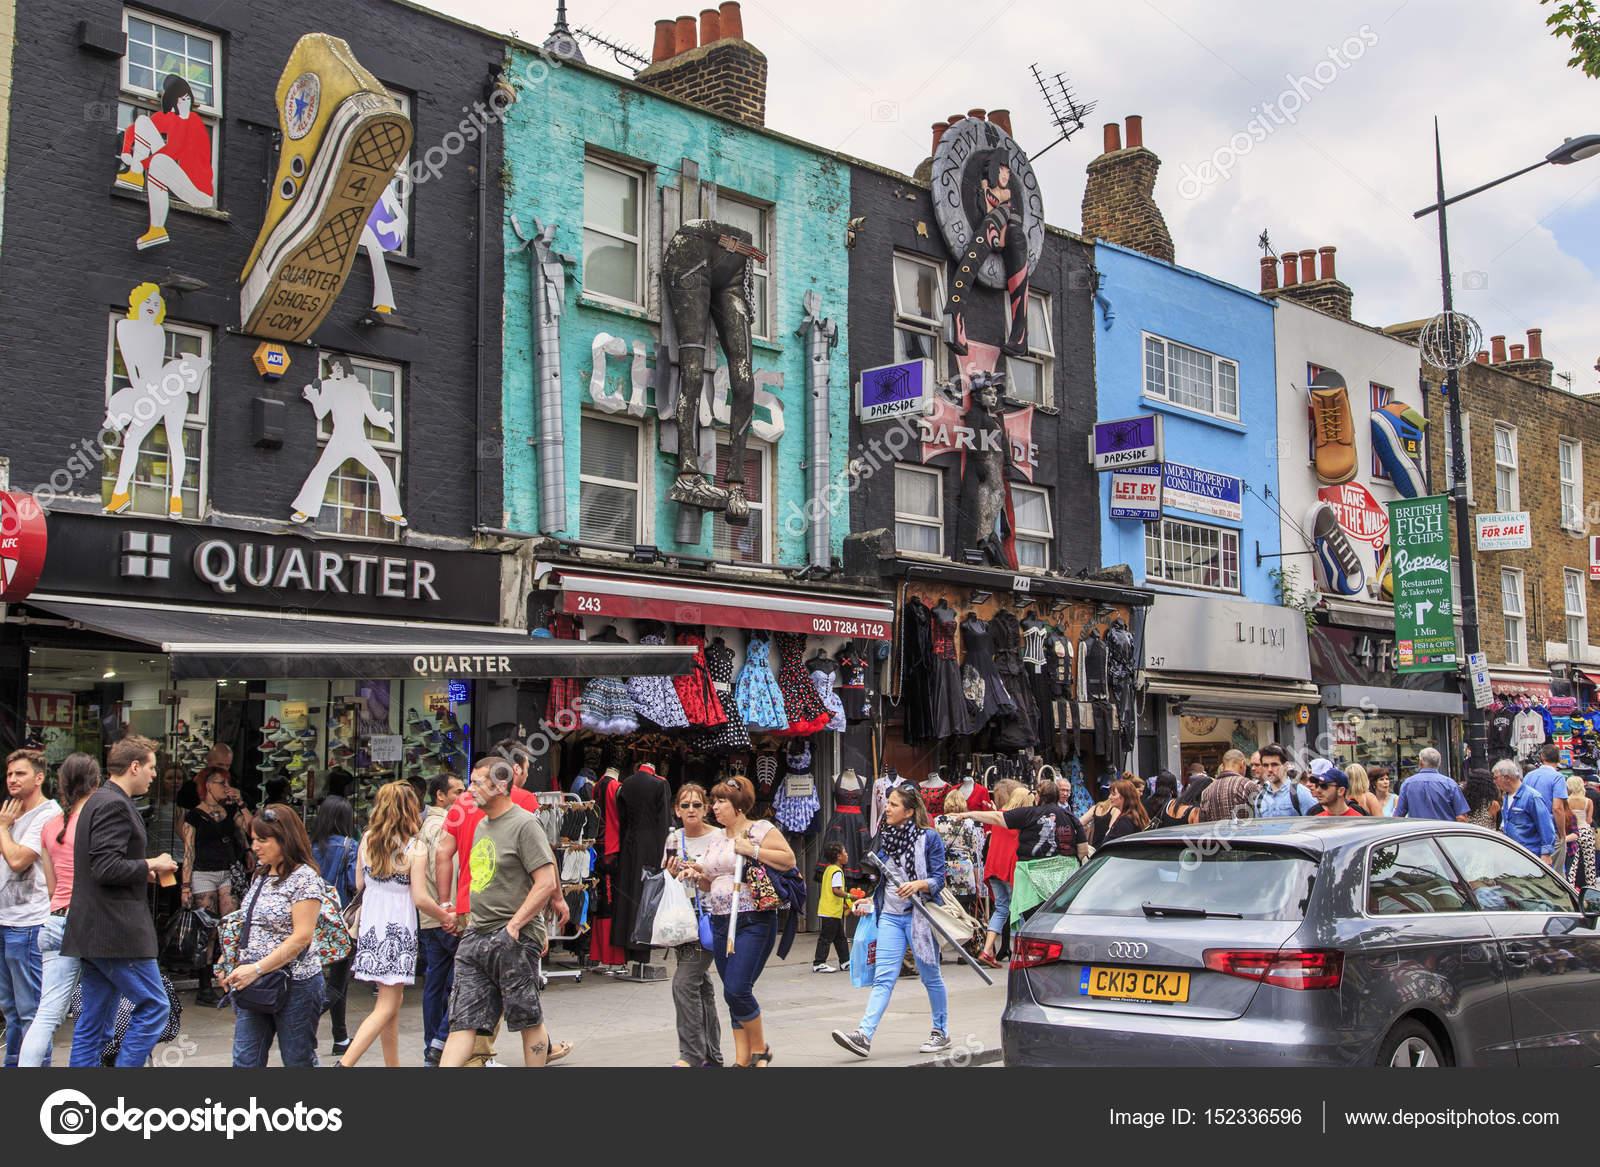 カムデンタウン, ロンドンの市場...